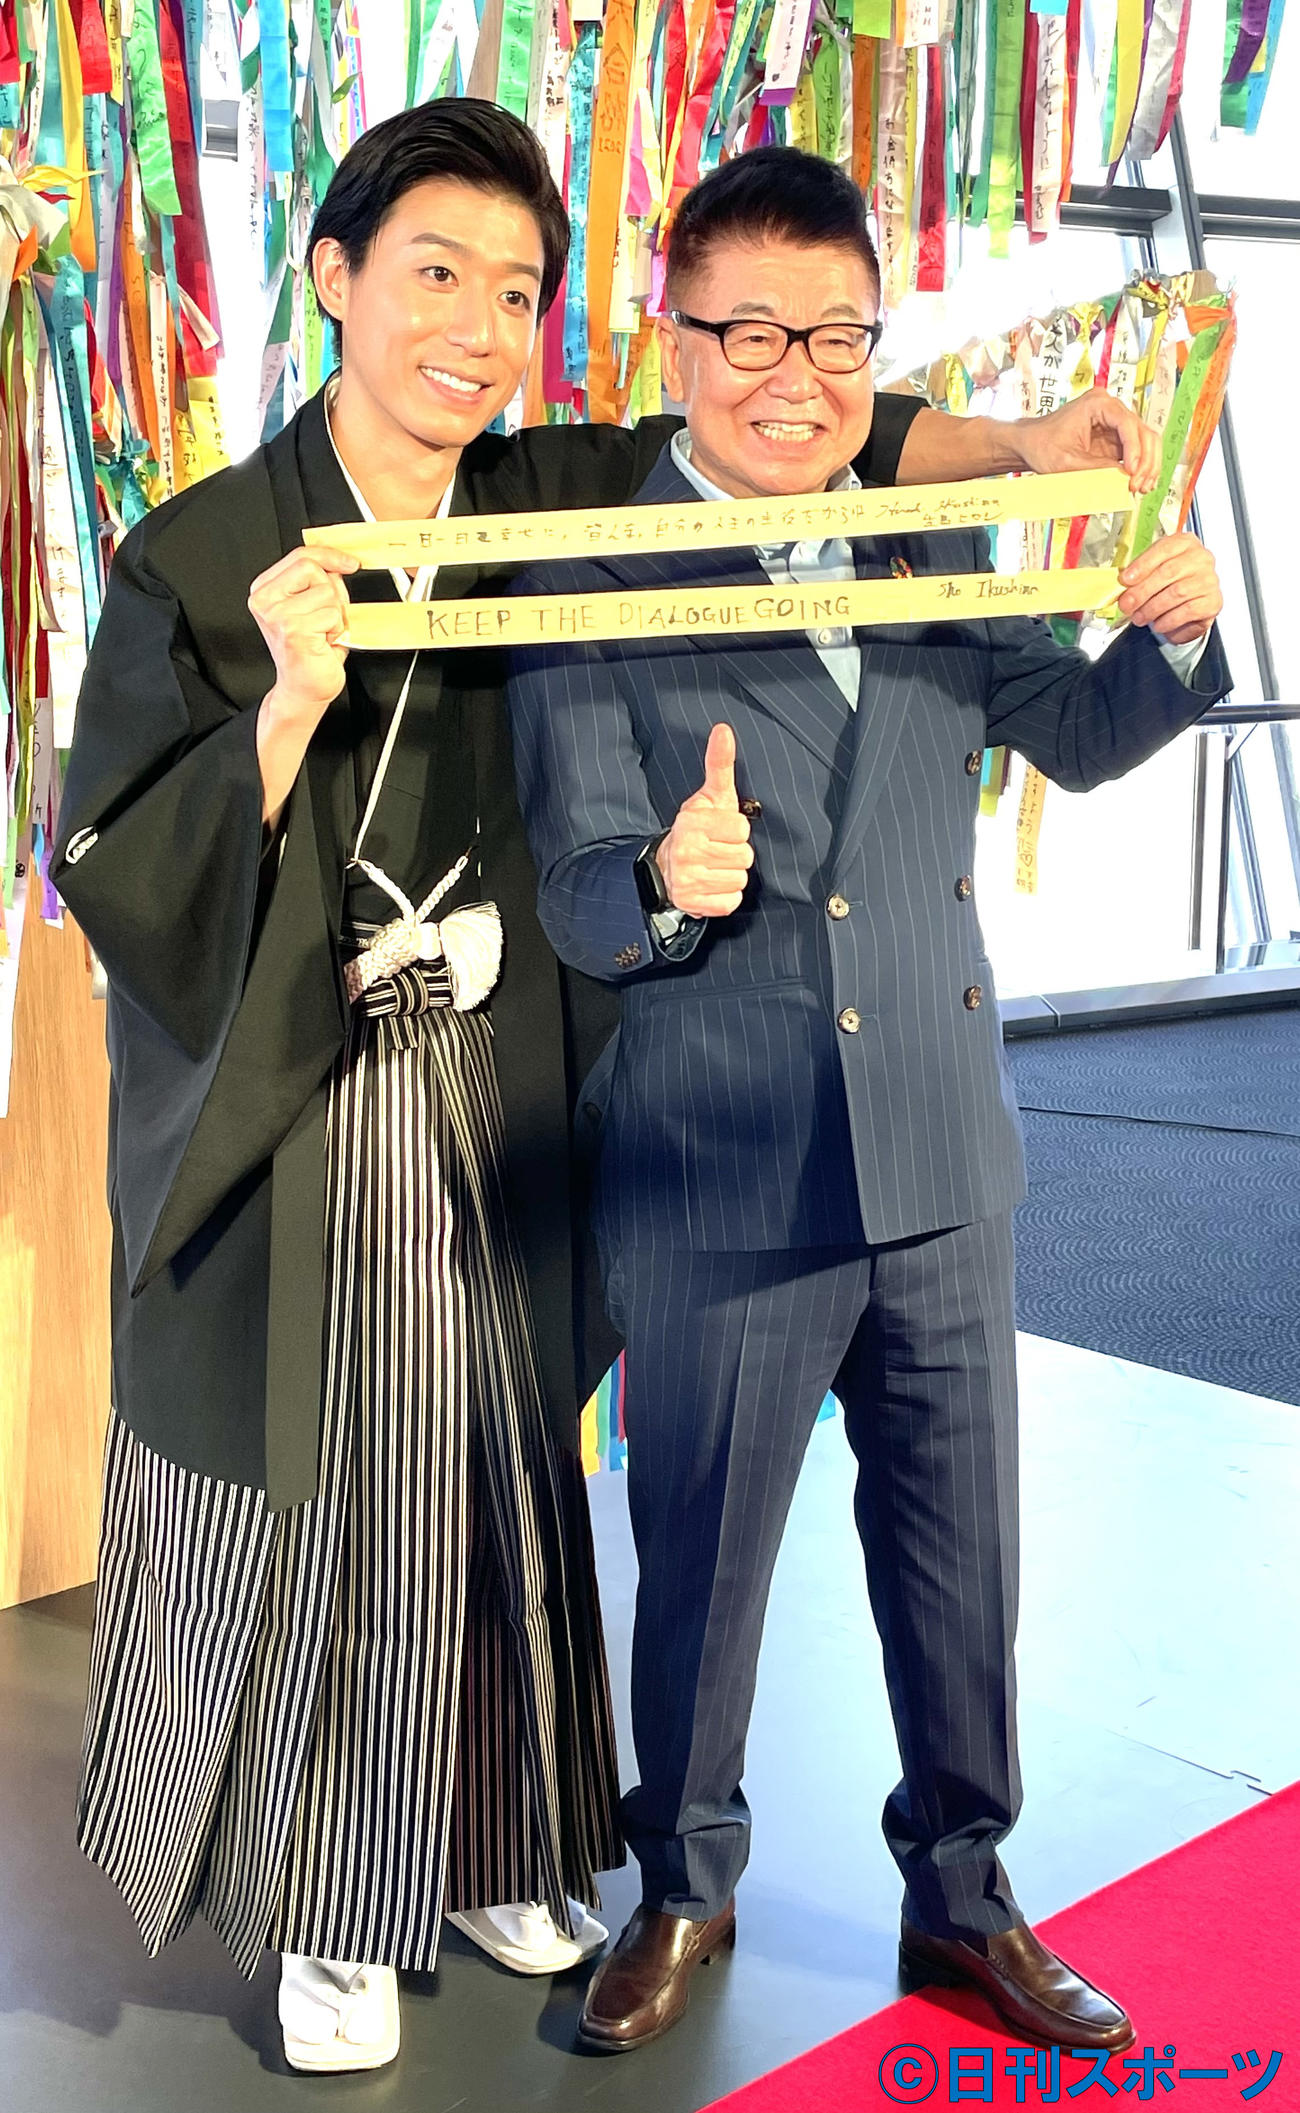 「世界中で地球を考えるアースデイ」の新モニュメントを設置イベントの司会を務めた生島翔(左)と父親の生島ヒロシ